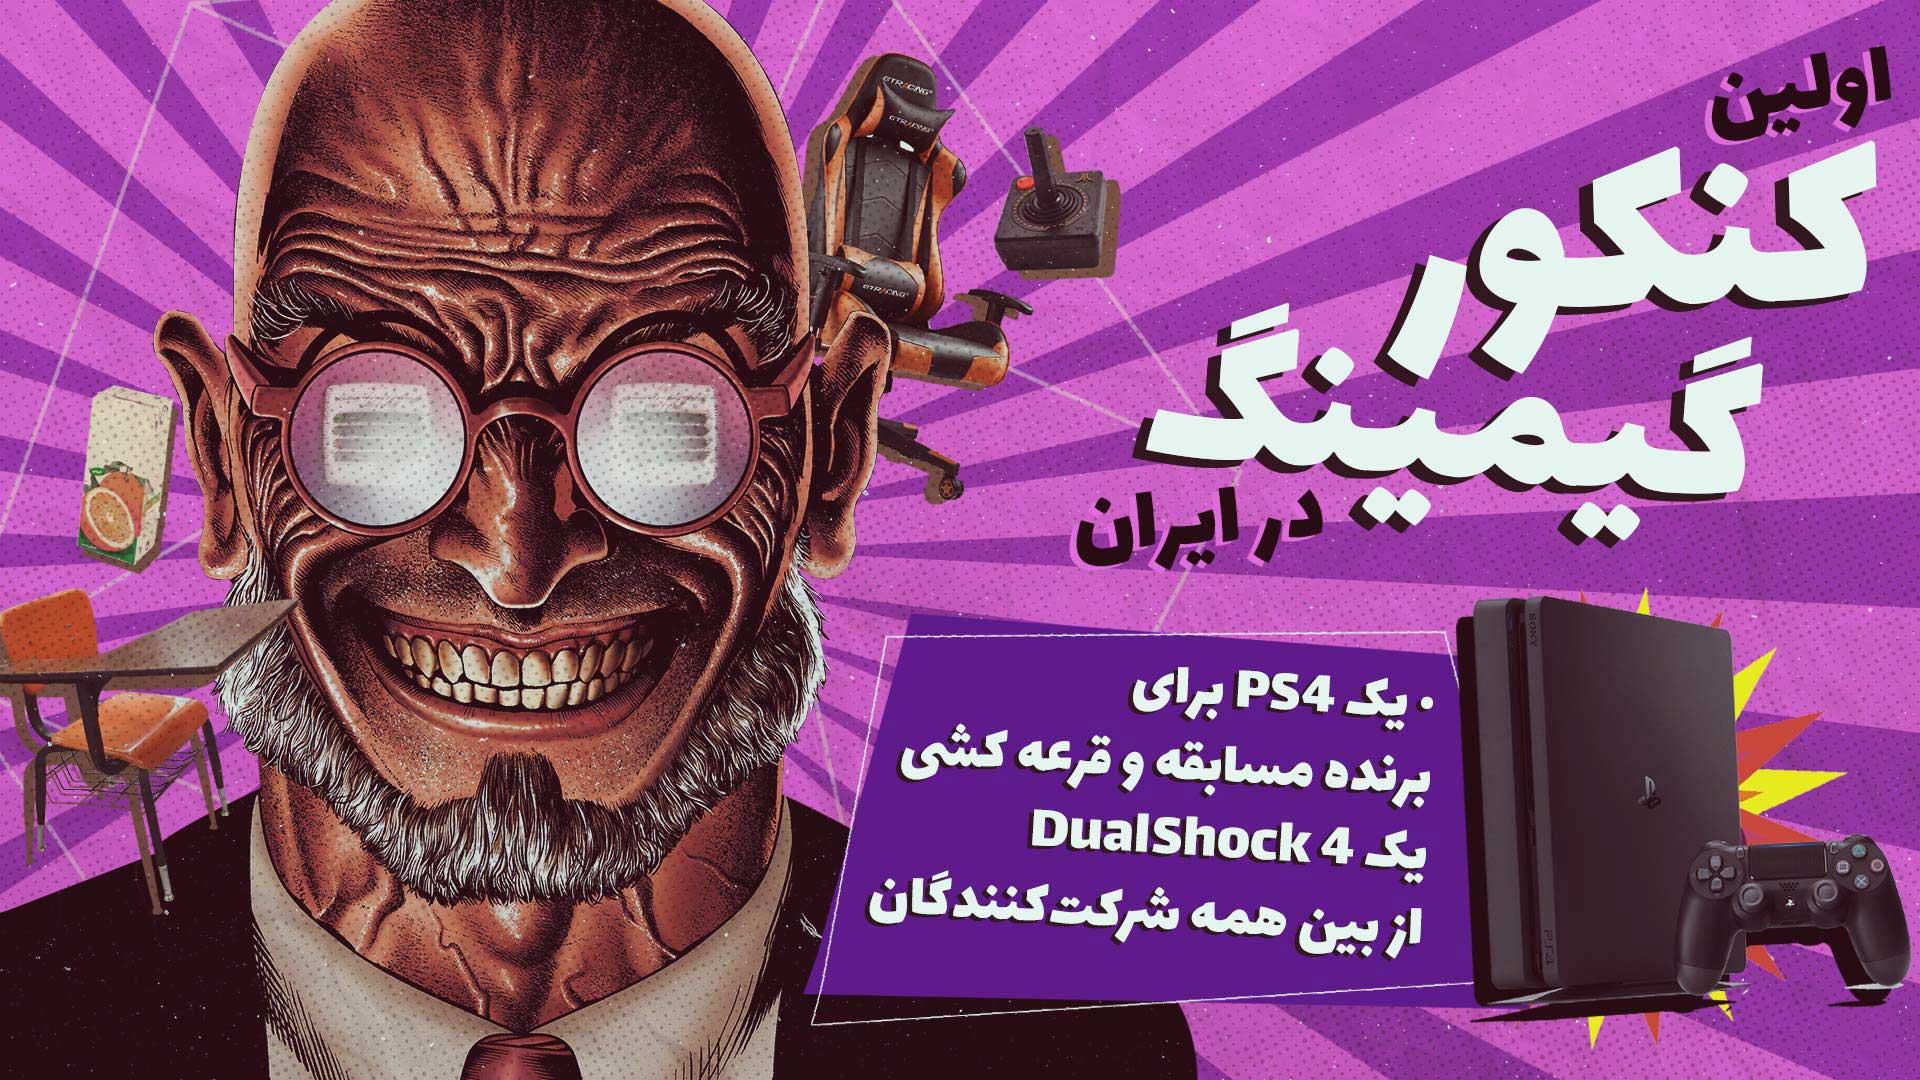 اولین کنکور گیمینگ ایران با جایزه PS4 آغاز شد